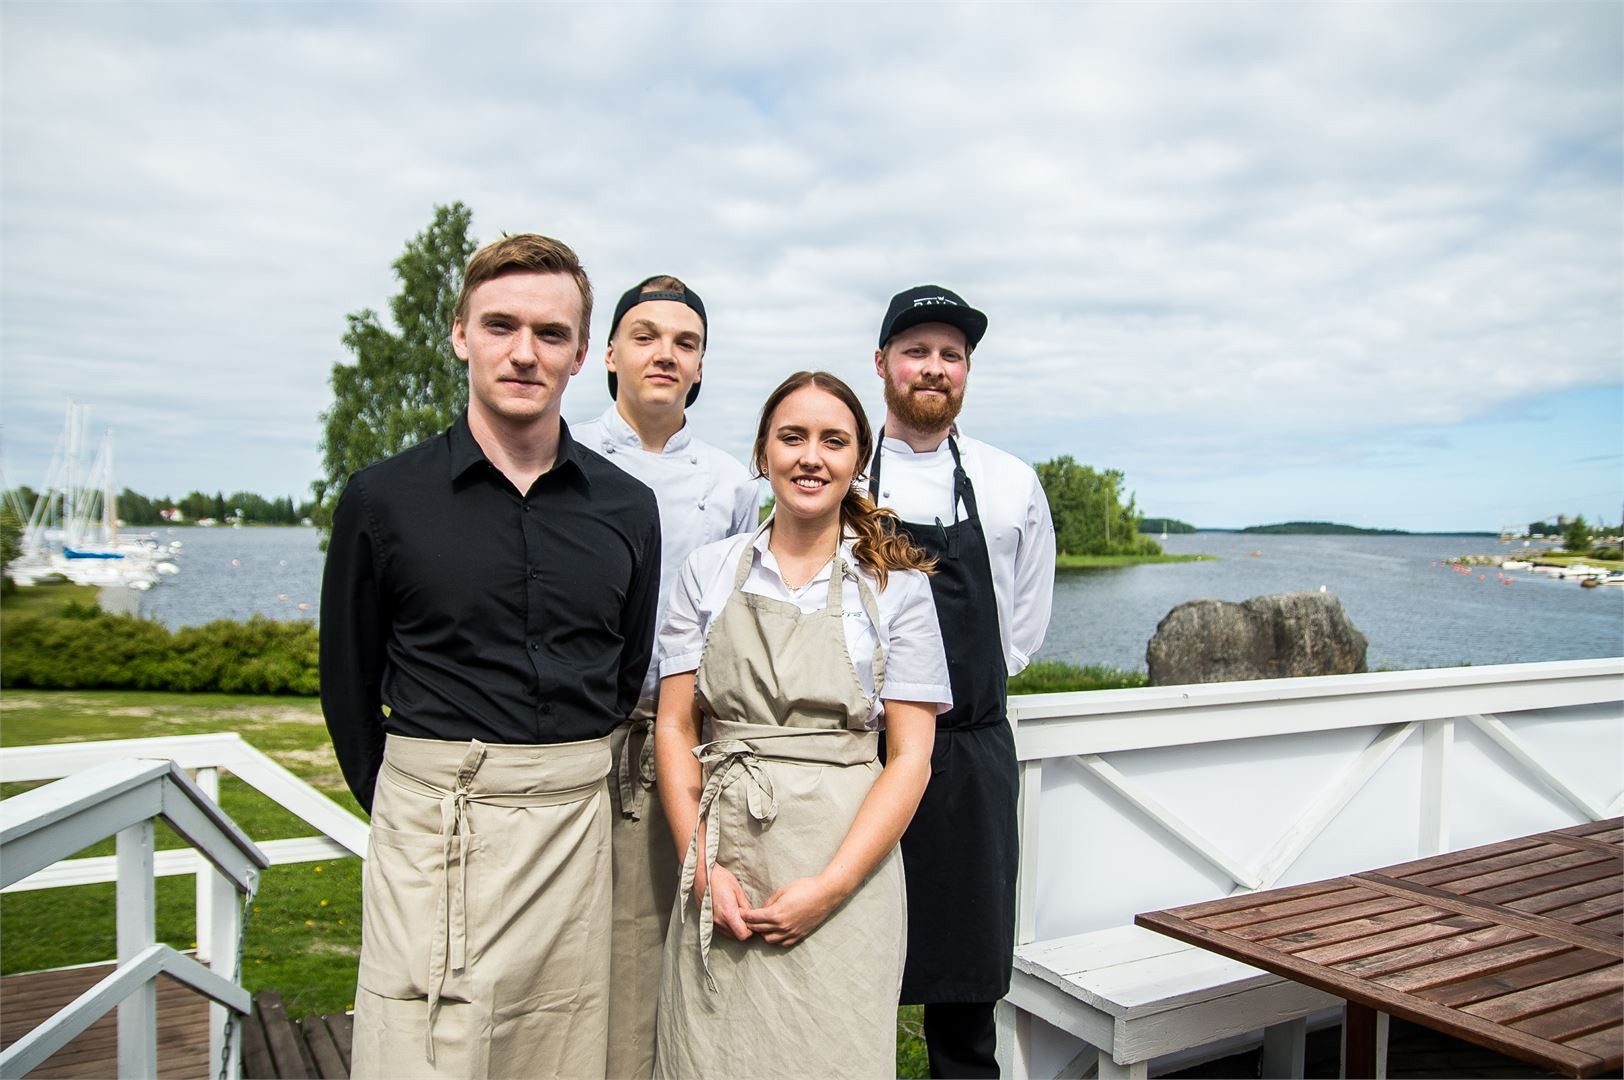 Kesäravintola Paviksen terassilta aukeaa upea maisema.